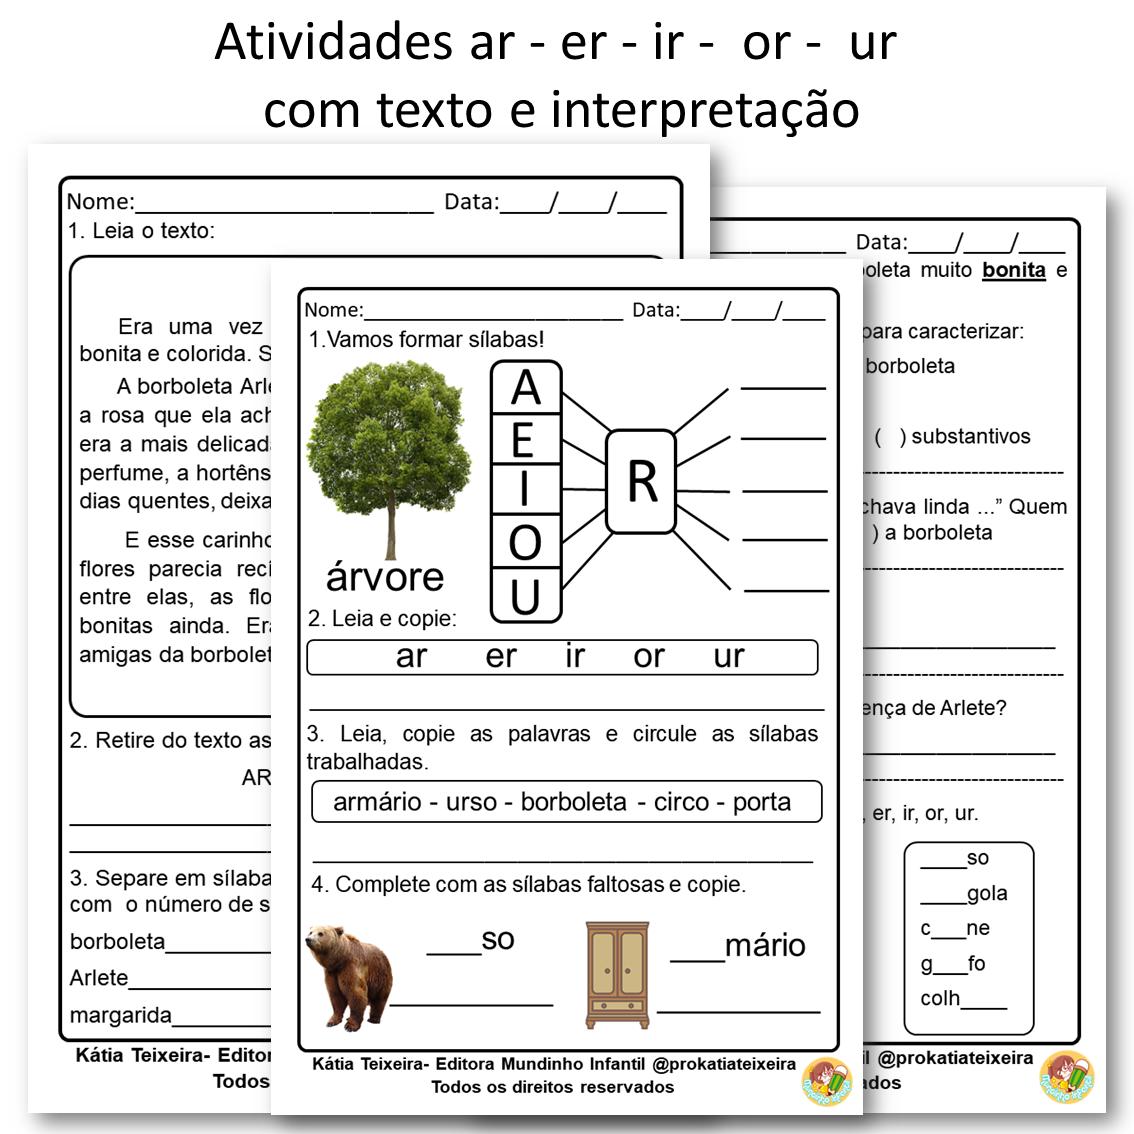 Atividade AR ER IR OR UR com texto e interpretação